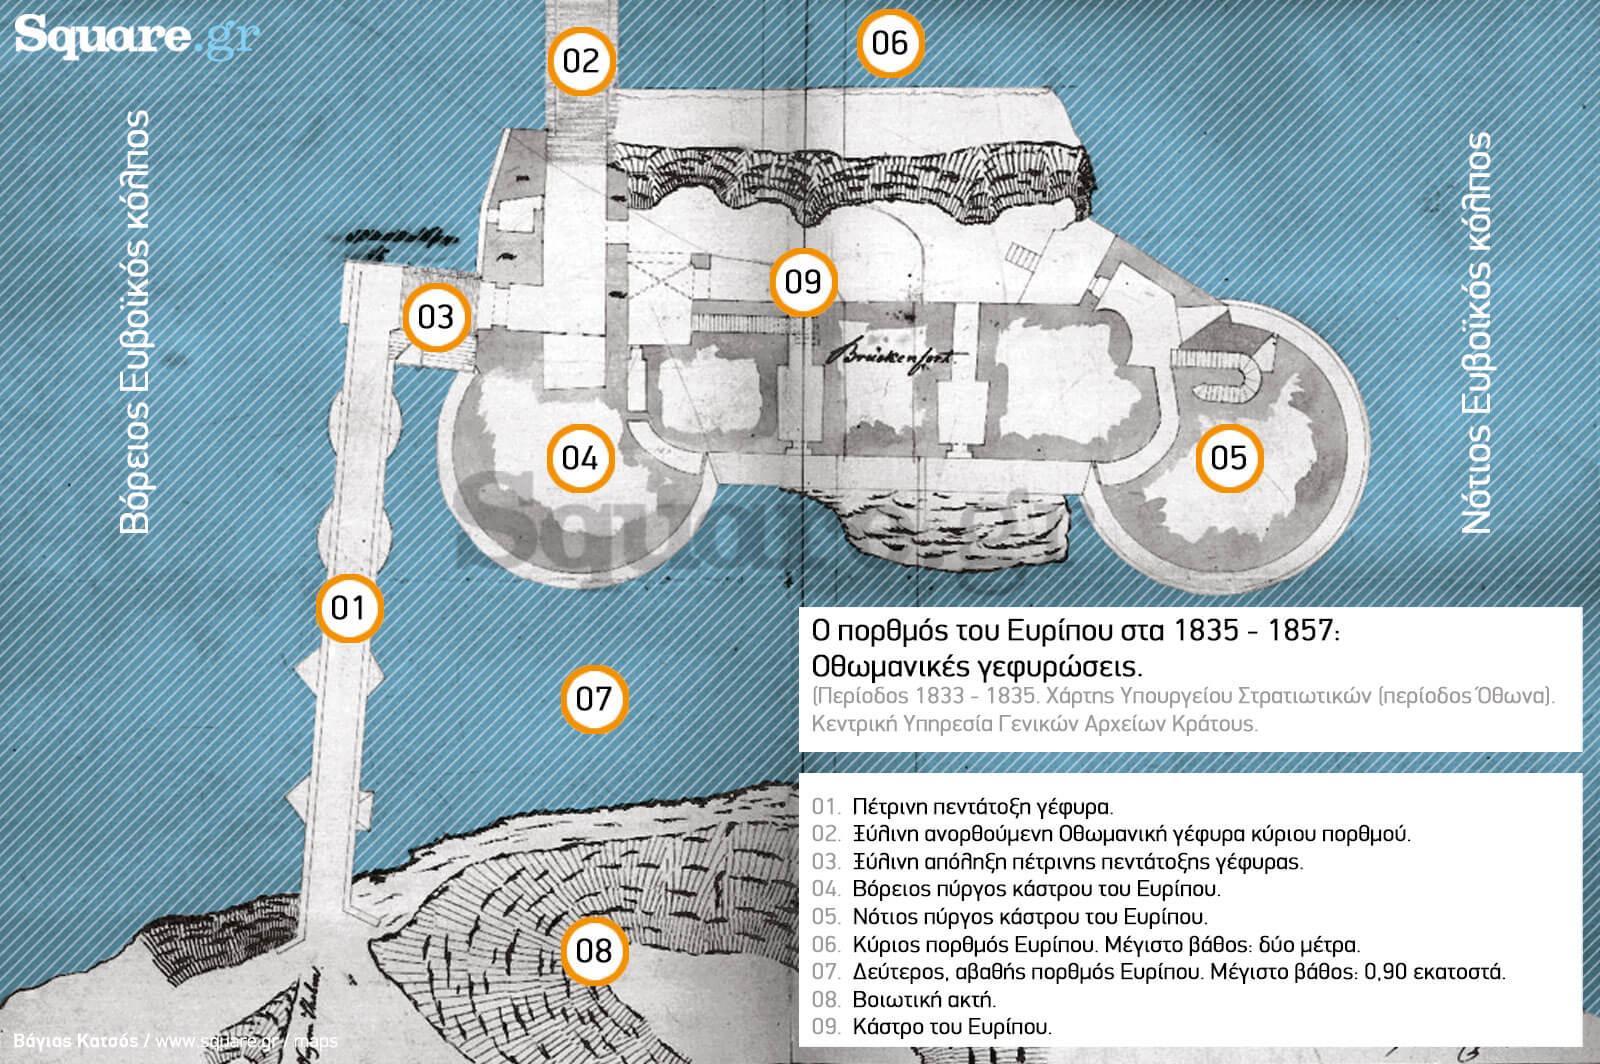 6-Γ-IX-α1-Γέφυρα-Χαλκίδος-1833---1835-Υπουργείο-Στρατιωτικών-(περίοδος-Όθωνα)-Κεντρική-Υπηρεσία-ΓΑΚ-7-επεξηγηματικός-χάρτης